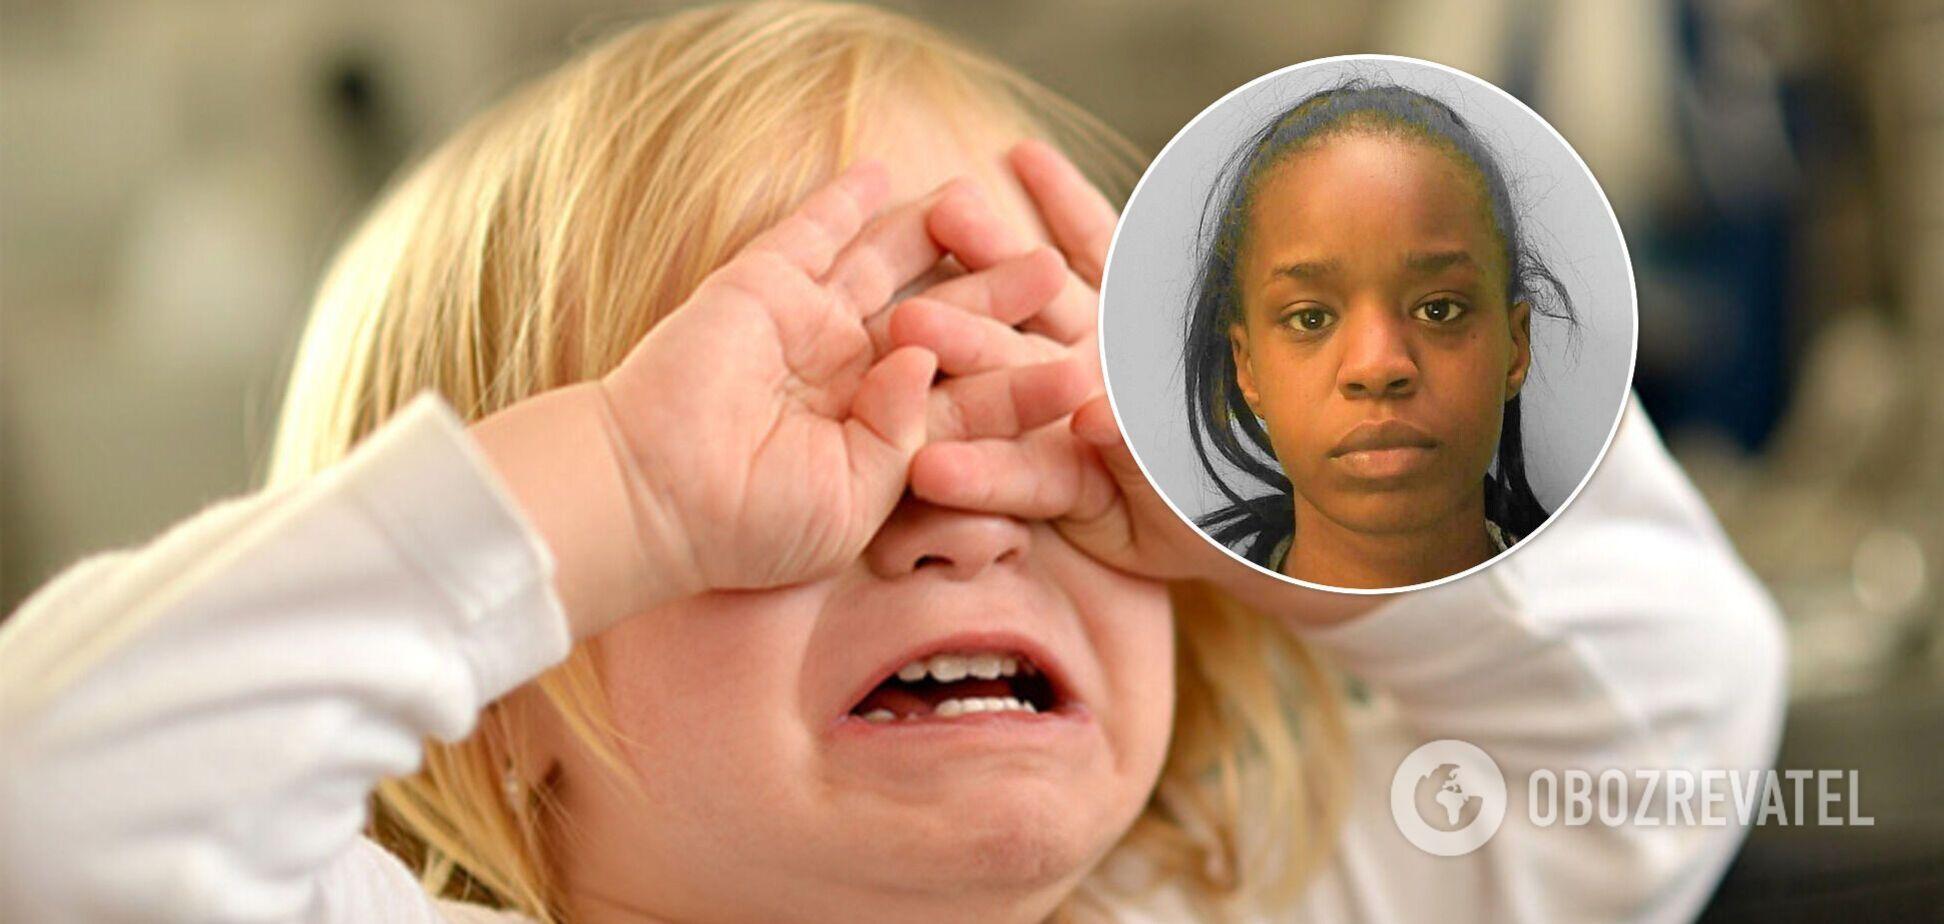 В Британии 18-летняя мать бросила 1,5-летнюю дочь умирать с голоду: суд вынес приговор